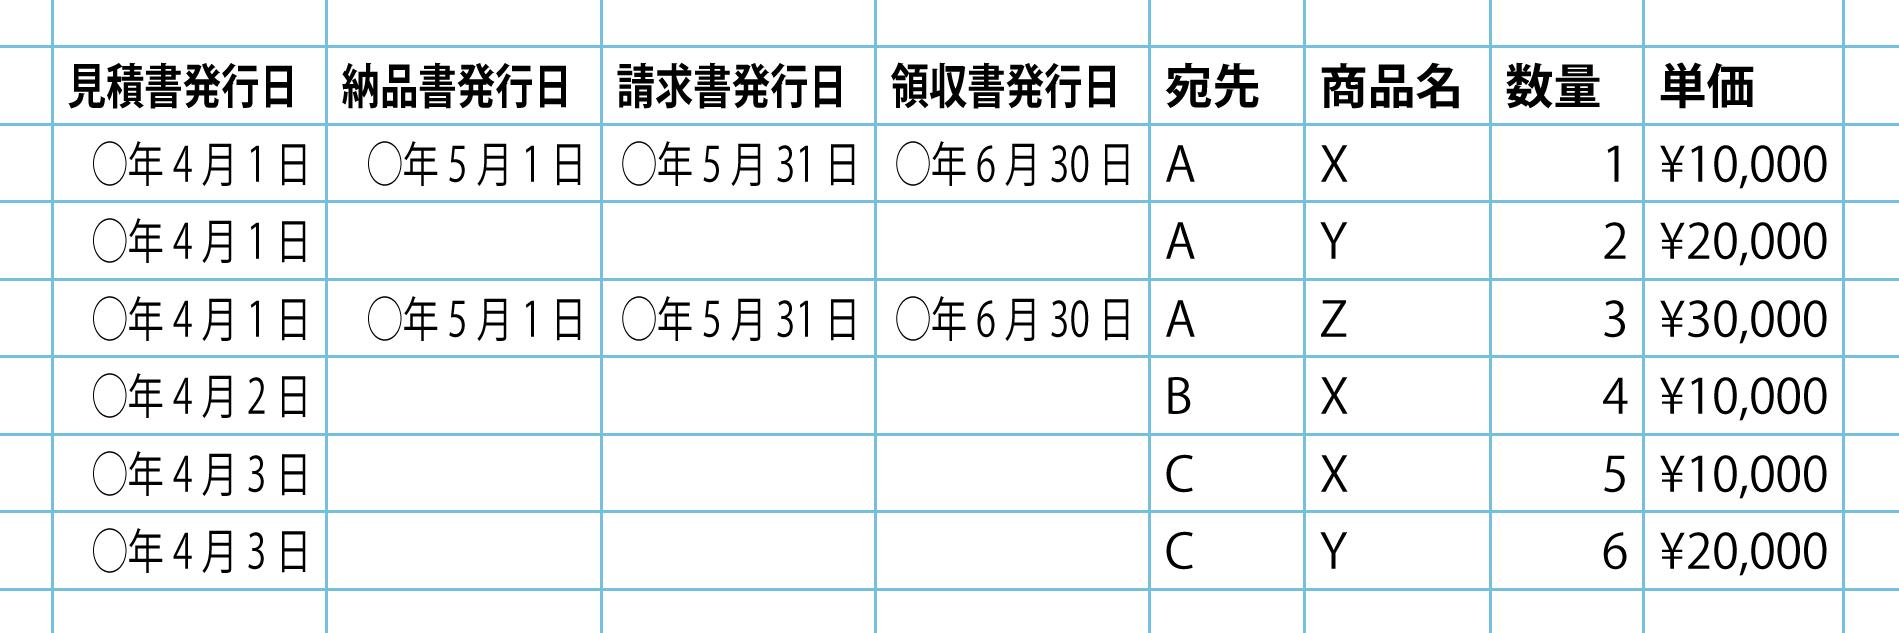 請求書発行日列・領収書発行日列の挿入